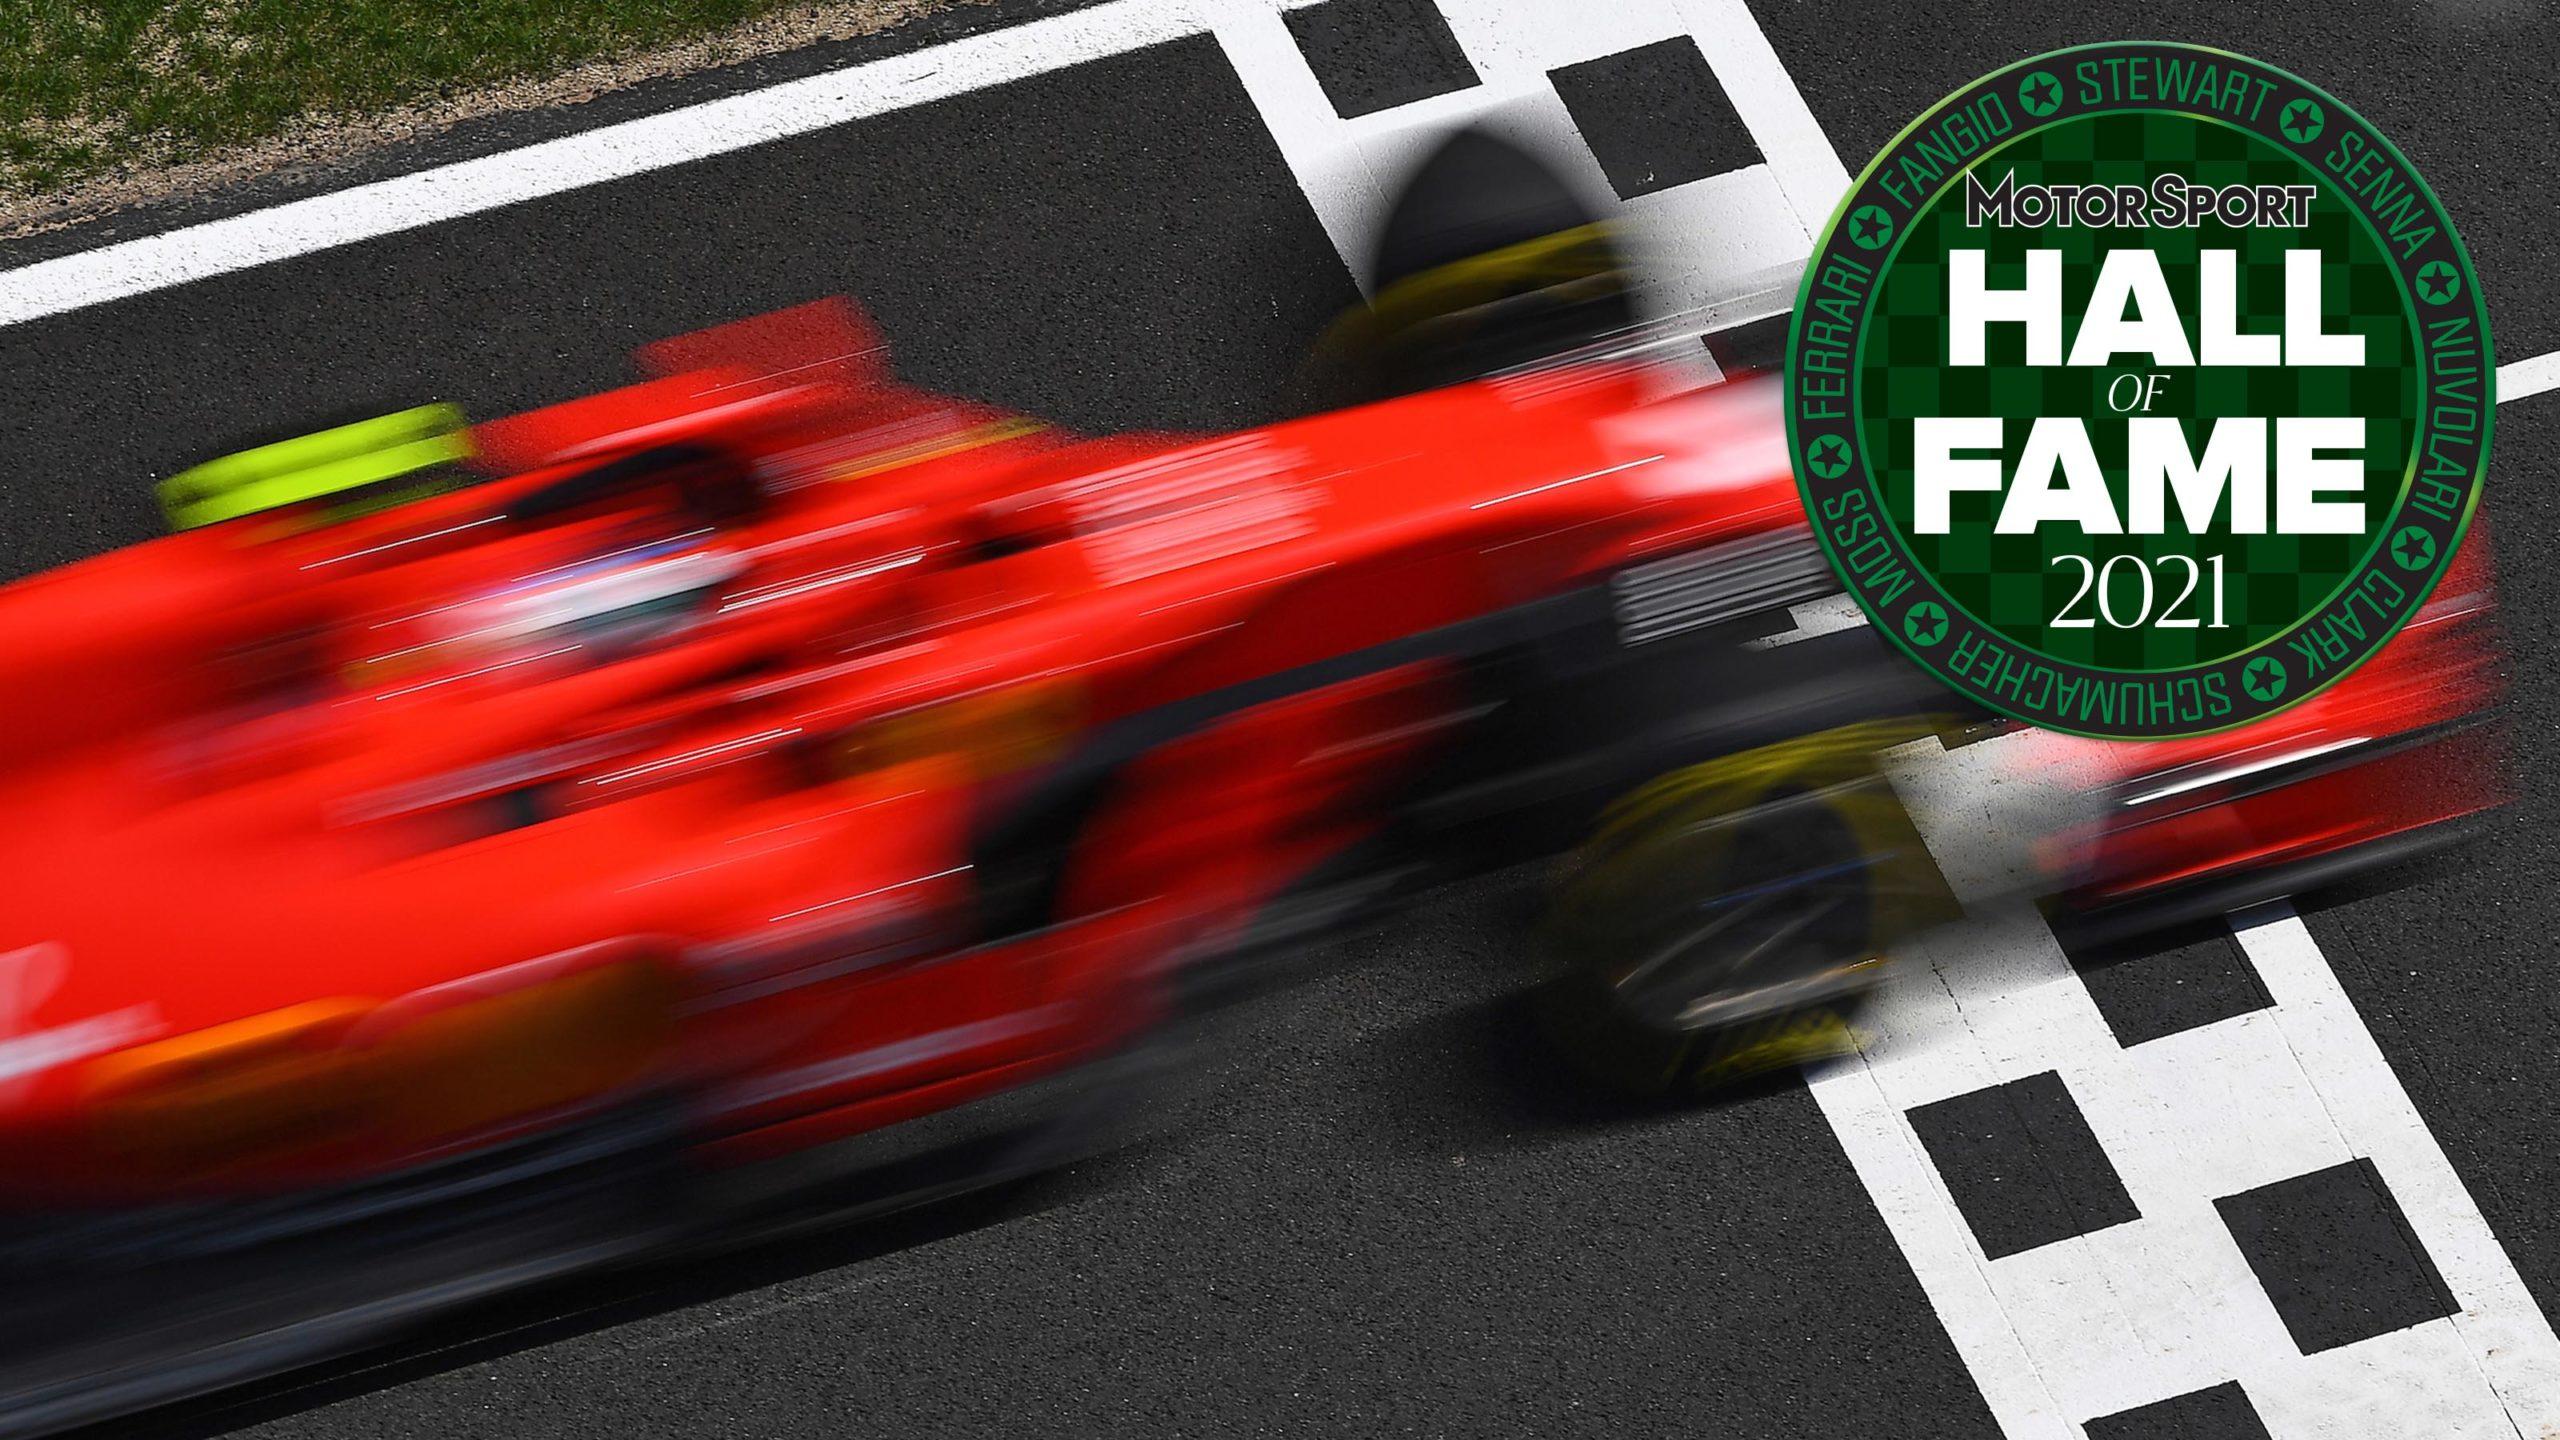 Hall of Fame F1 header